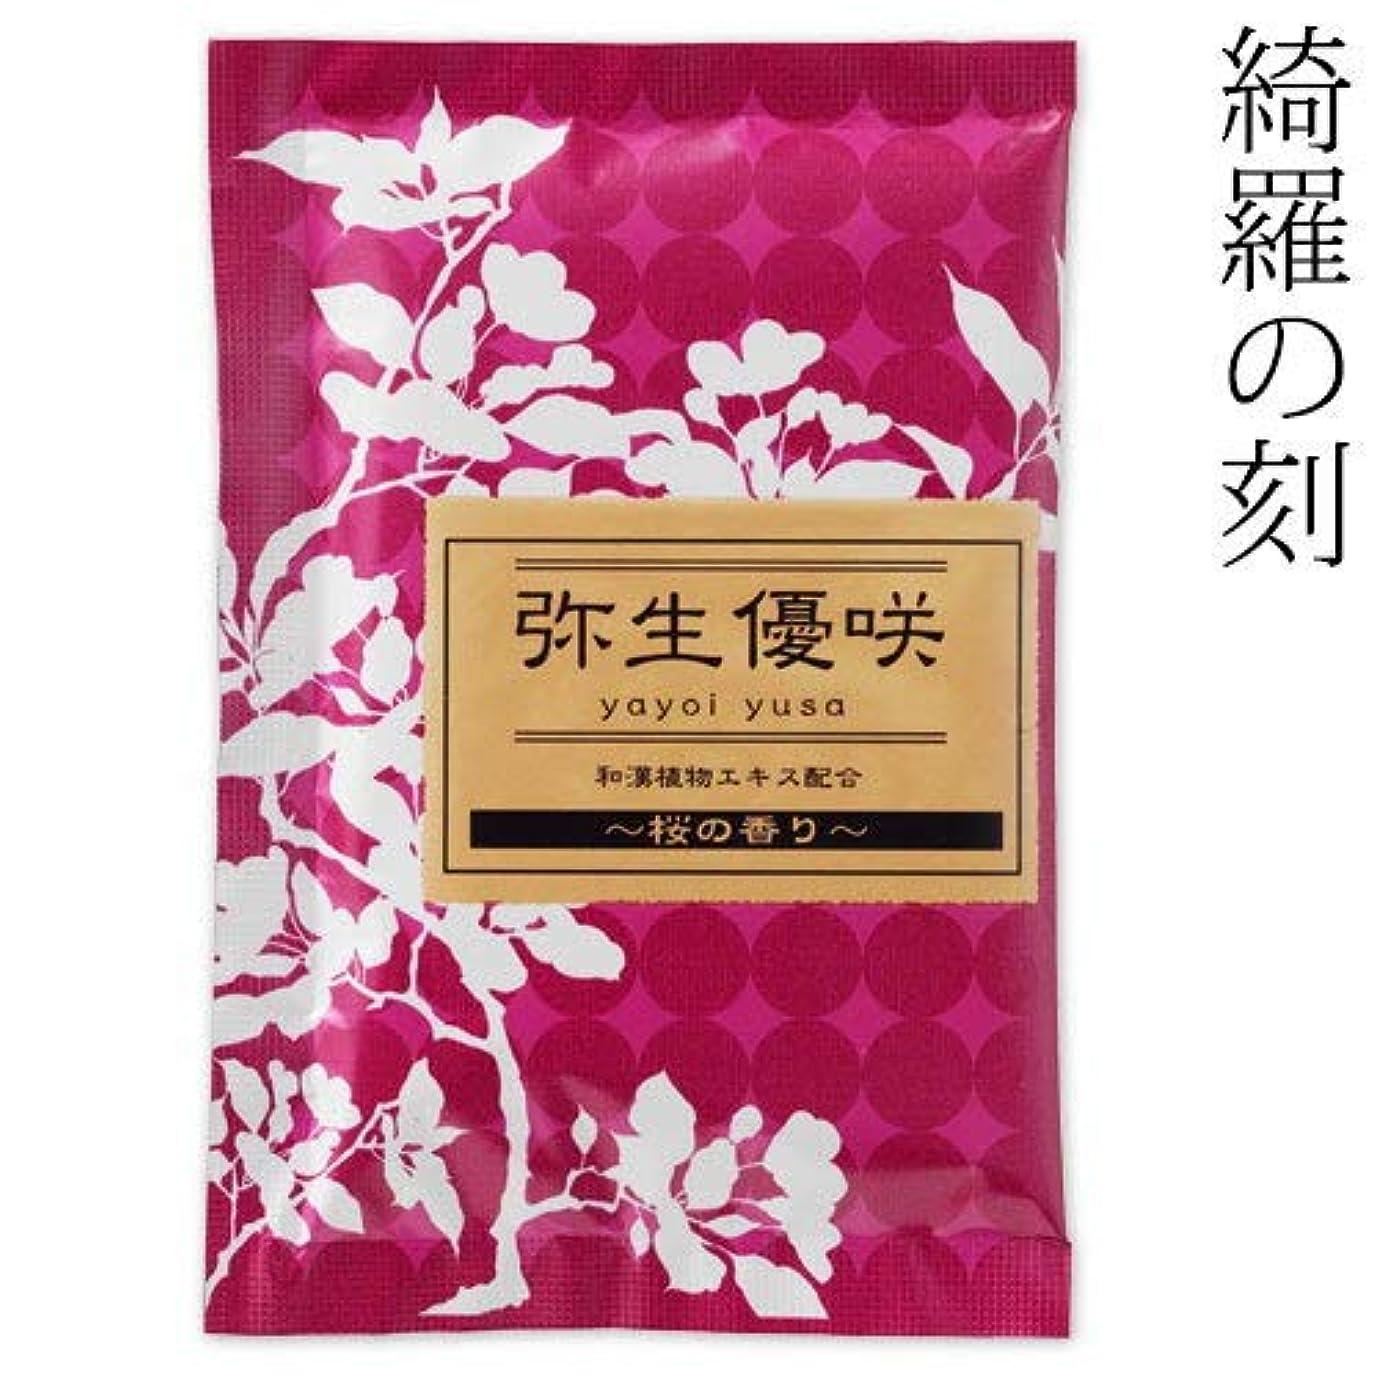 不毛の毛布重要な役割を果たす、中心的な手段となる入浴剤綺羅の刻桜の香り弥生優咲1包石川県のお風呂グッズBath additive, Ishikawa craft